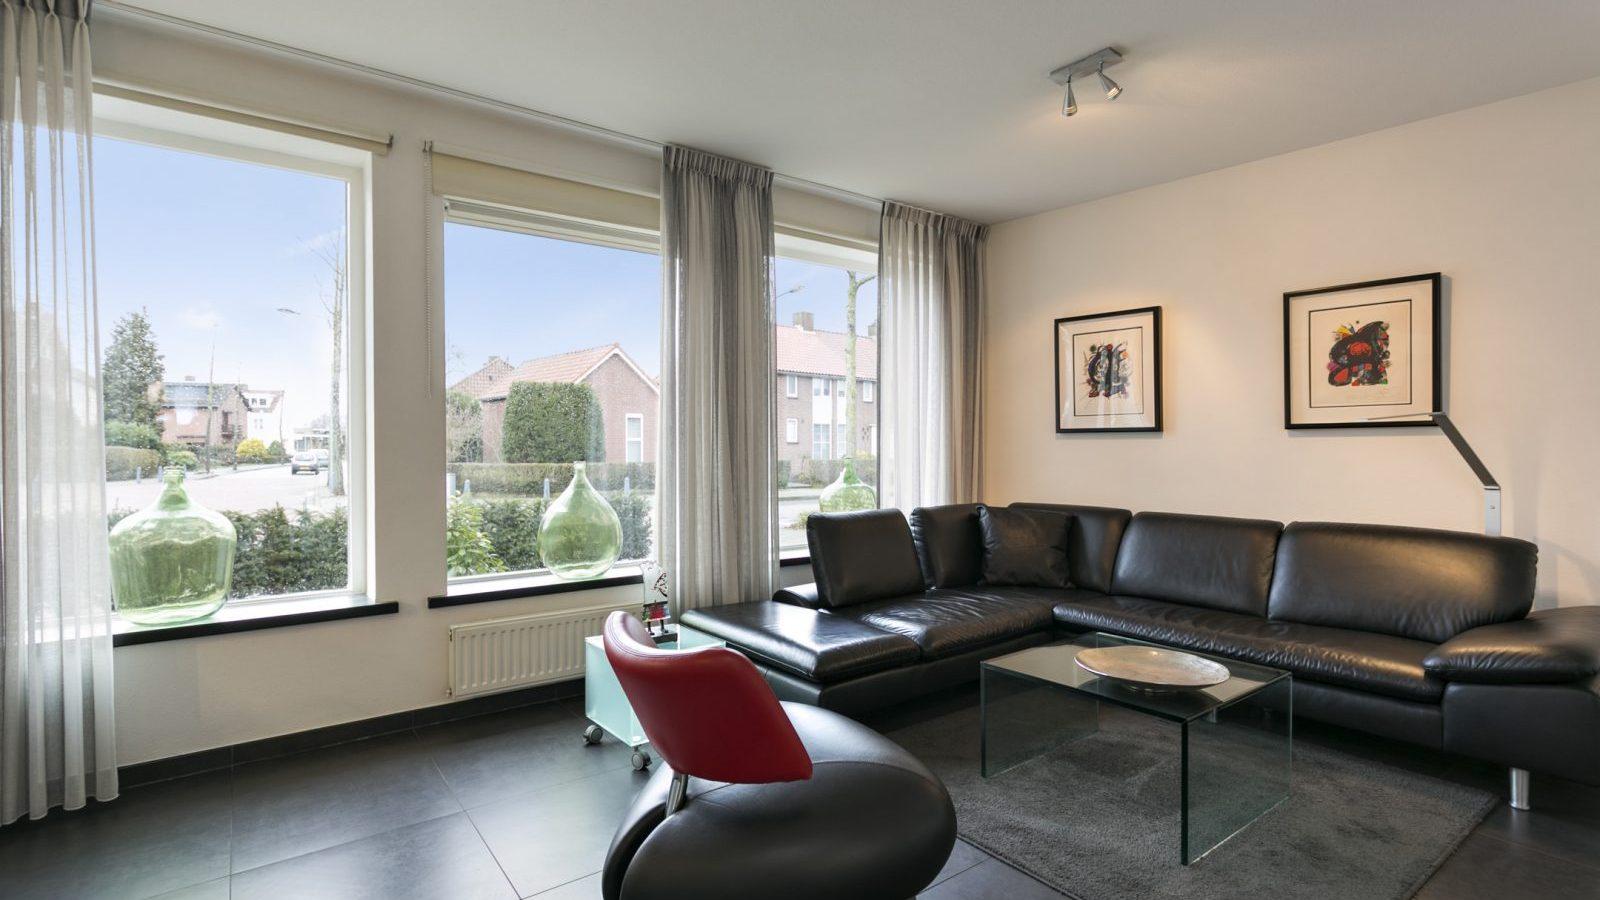 CharlesRuysstraat50Roermond-09-1600x1067